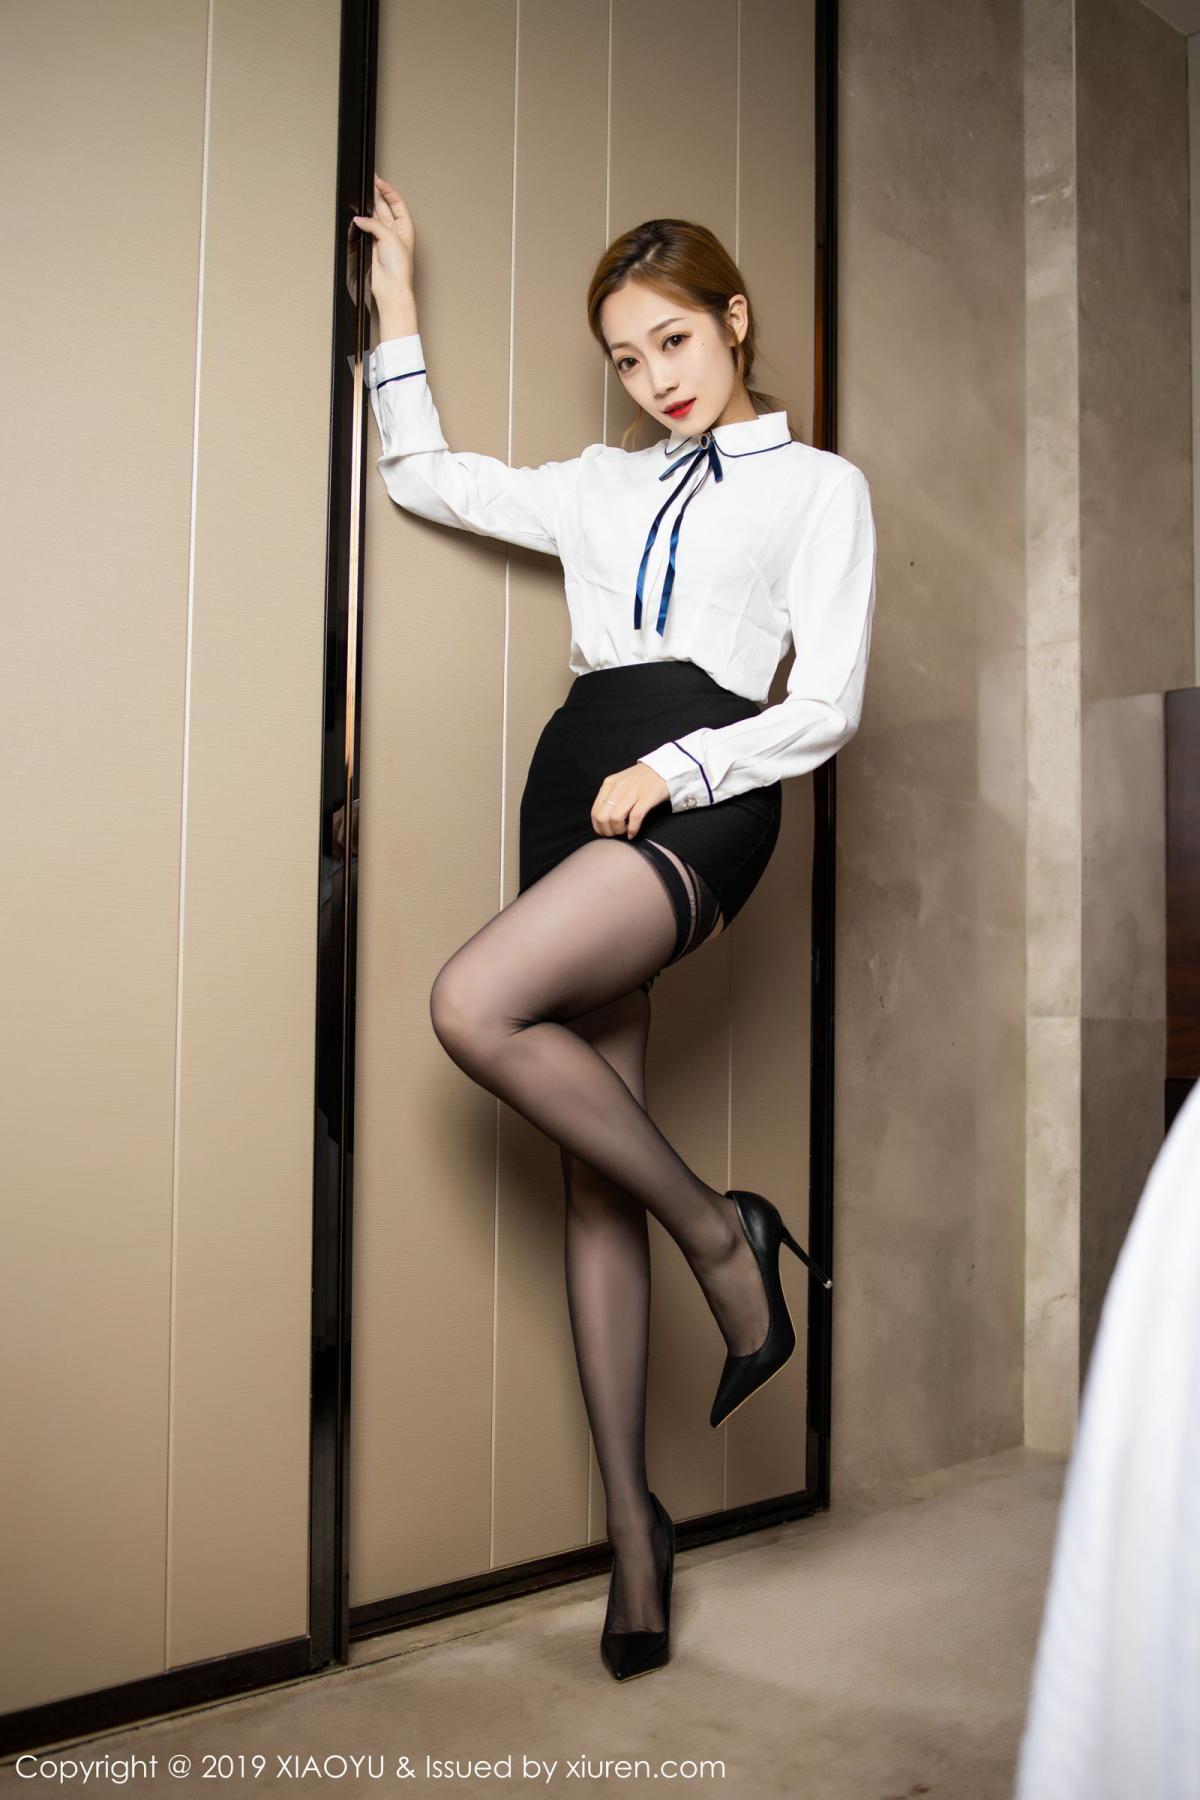 [XiaoYu] Vol.181 Yuner Claire 9P, Black Silk, Underwear, XiaoYu, Yuner Claire